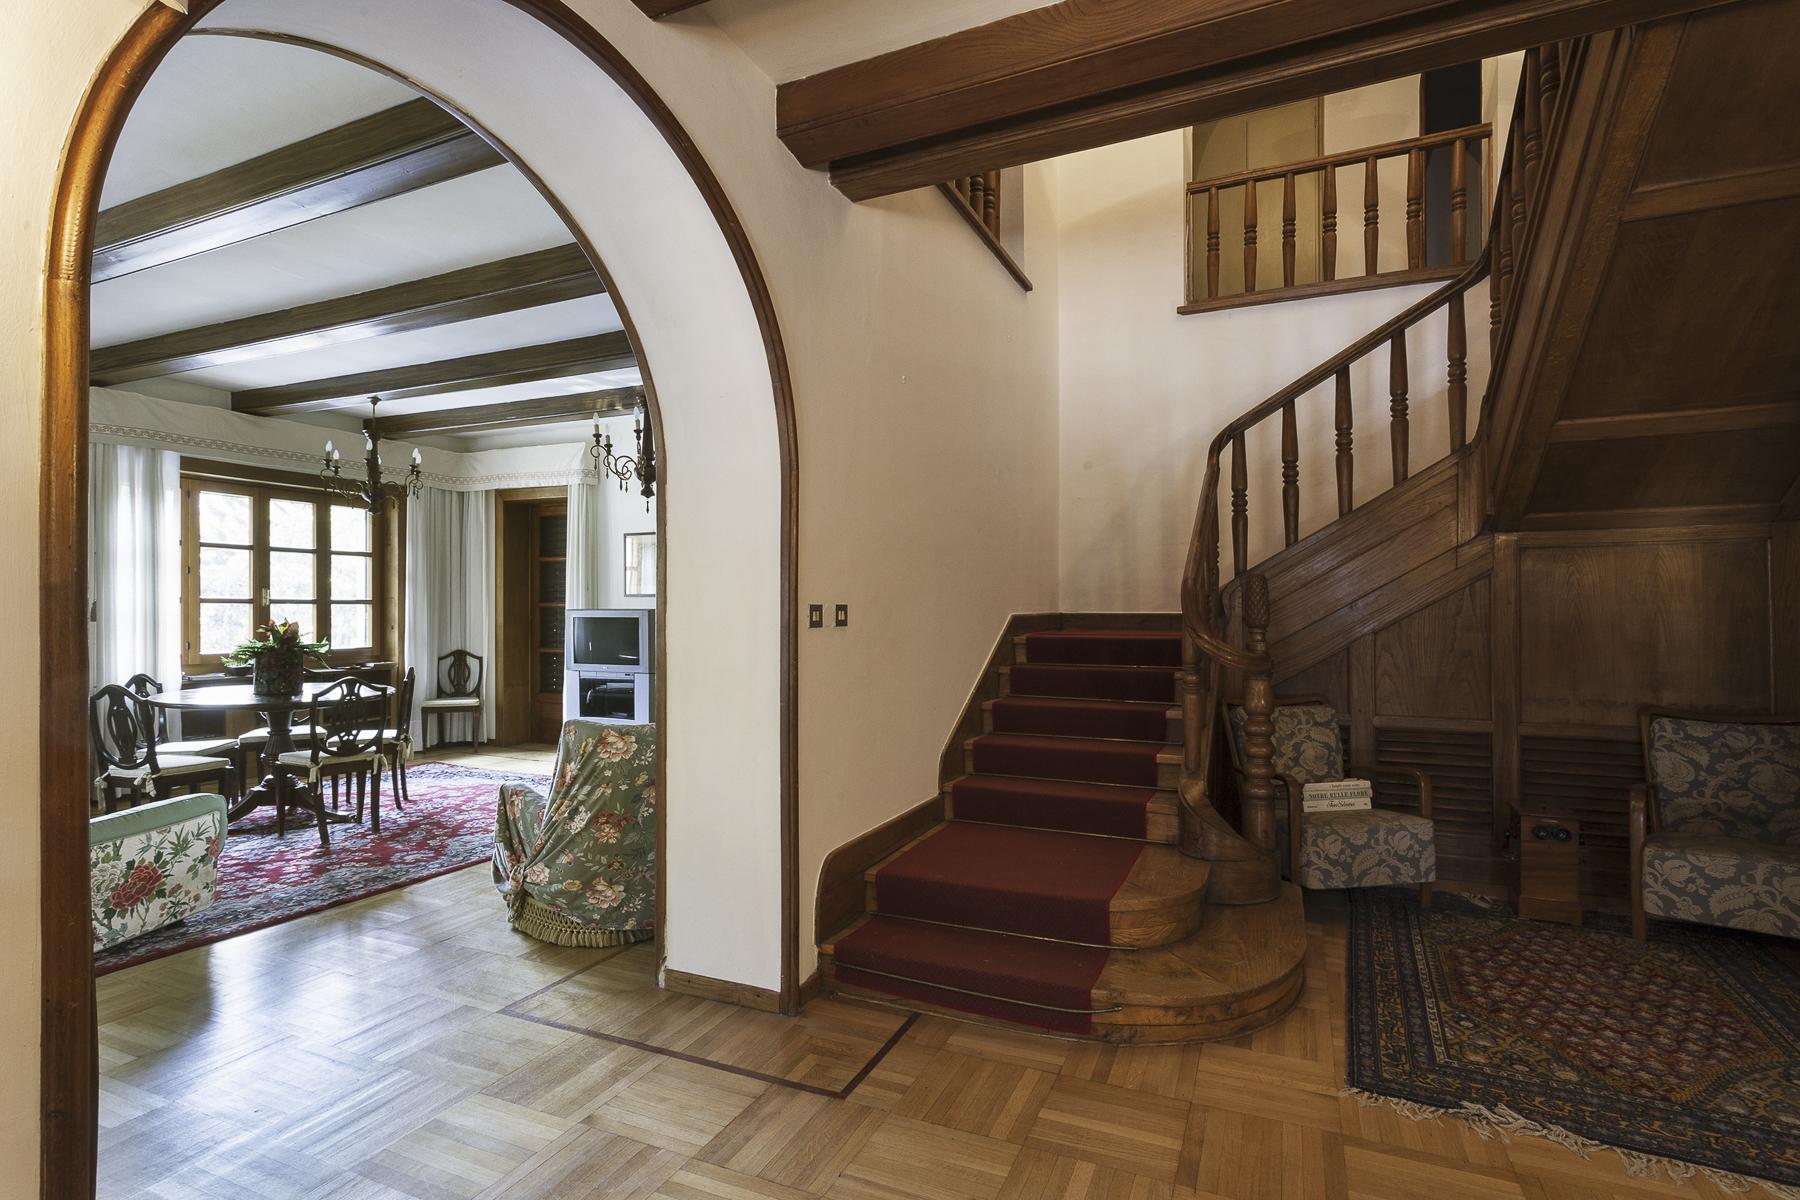 Villa di lusso in vendita a Courmayeur Via Donzelli - TrovoCasa Pregio - W6144076